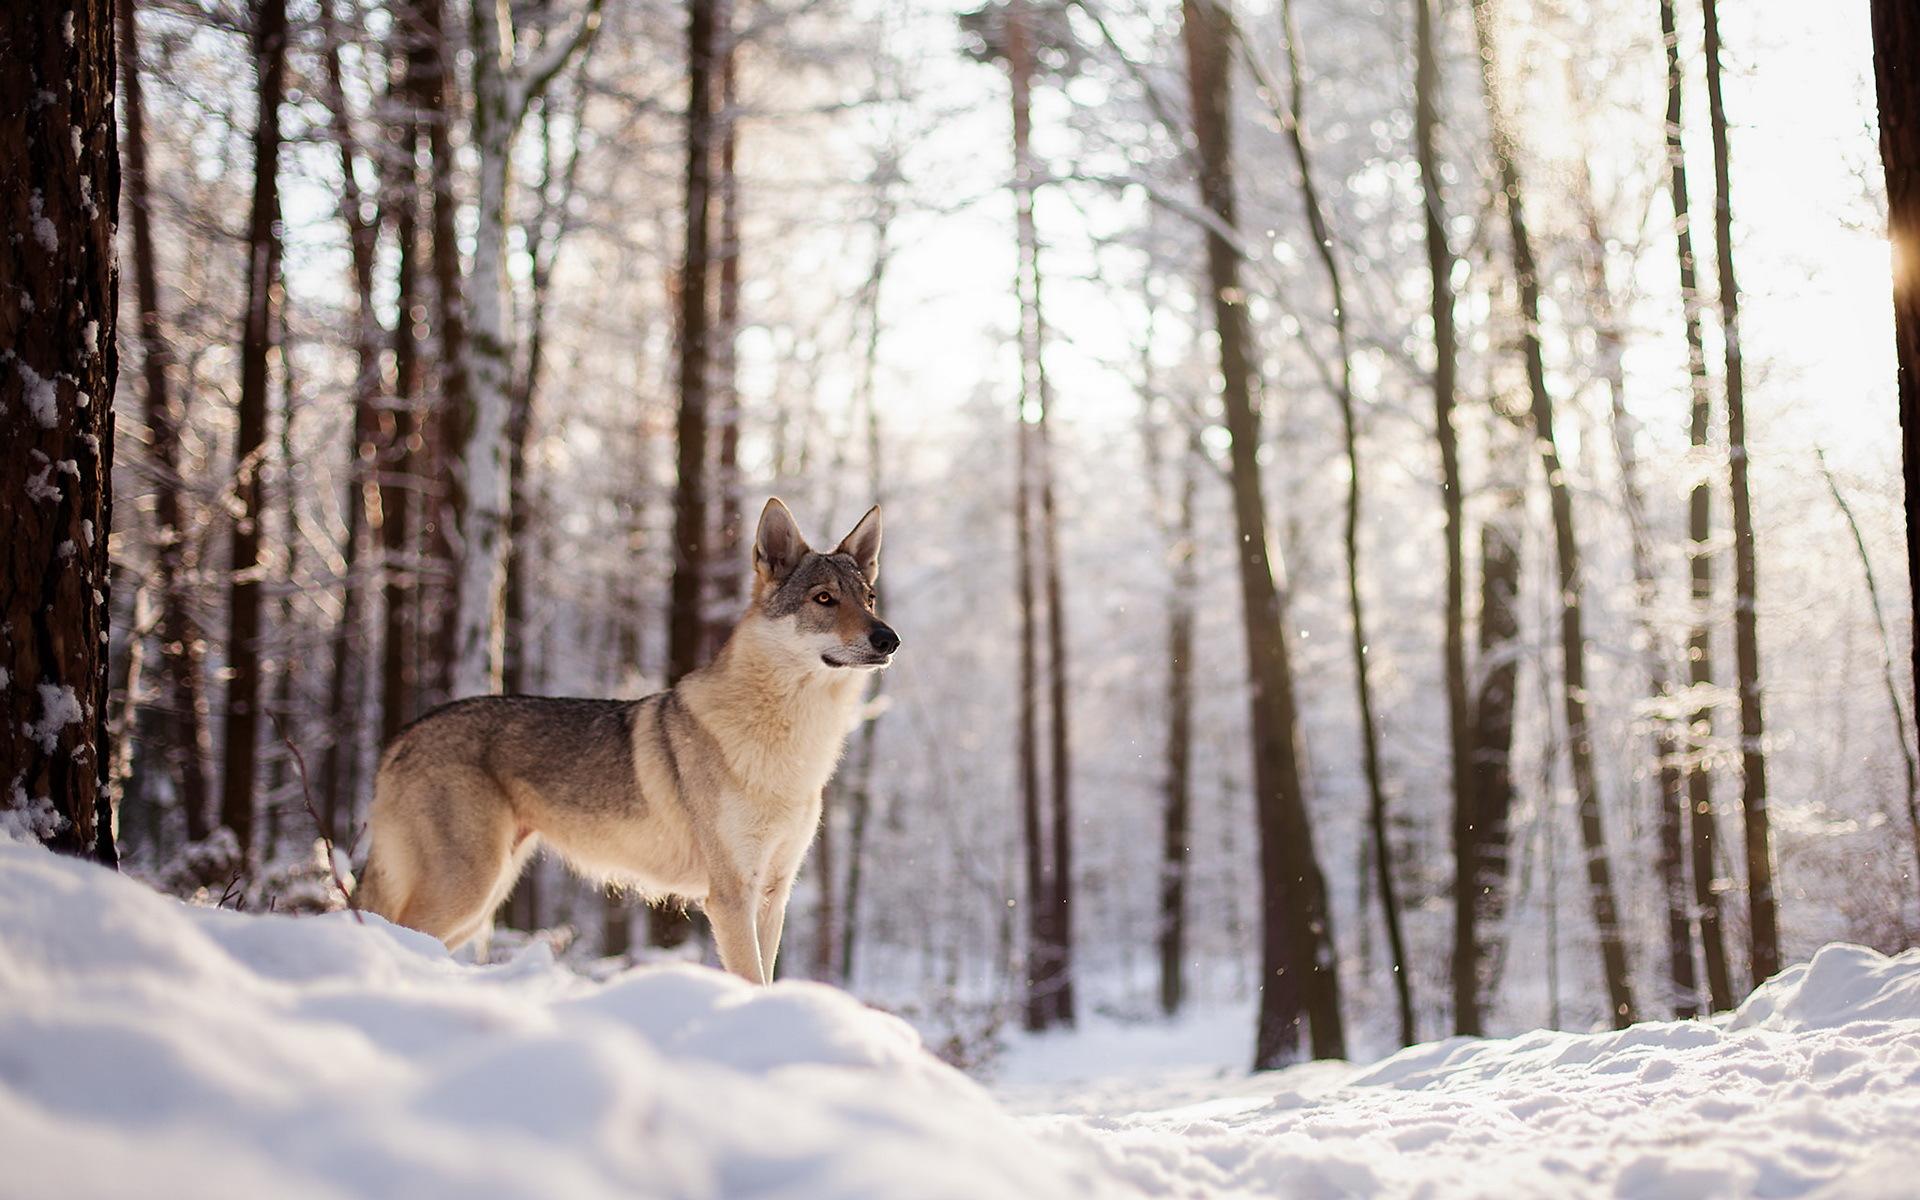 симферополь, картинка лес волк снег чем заводить